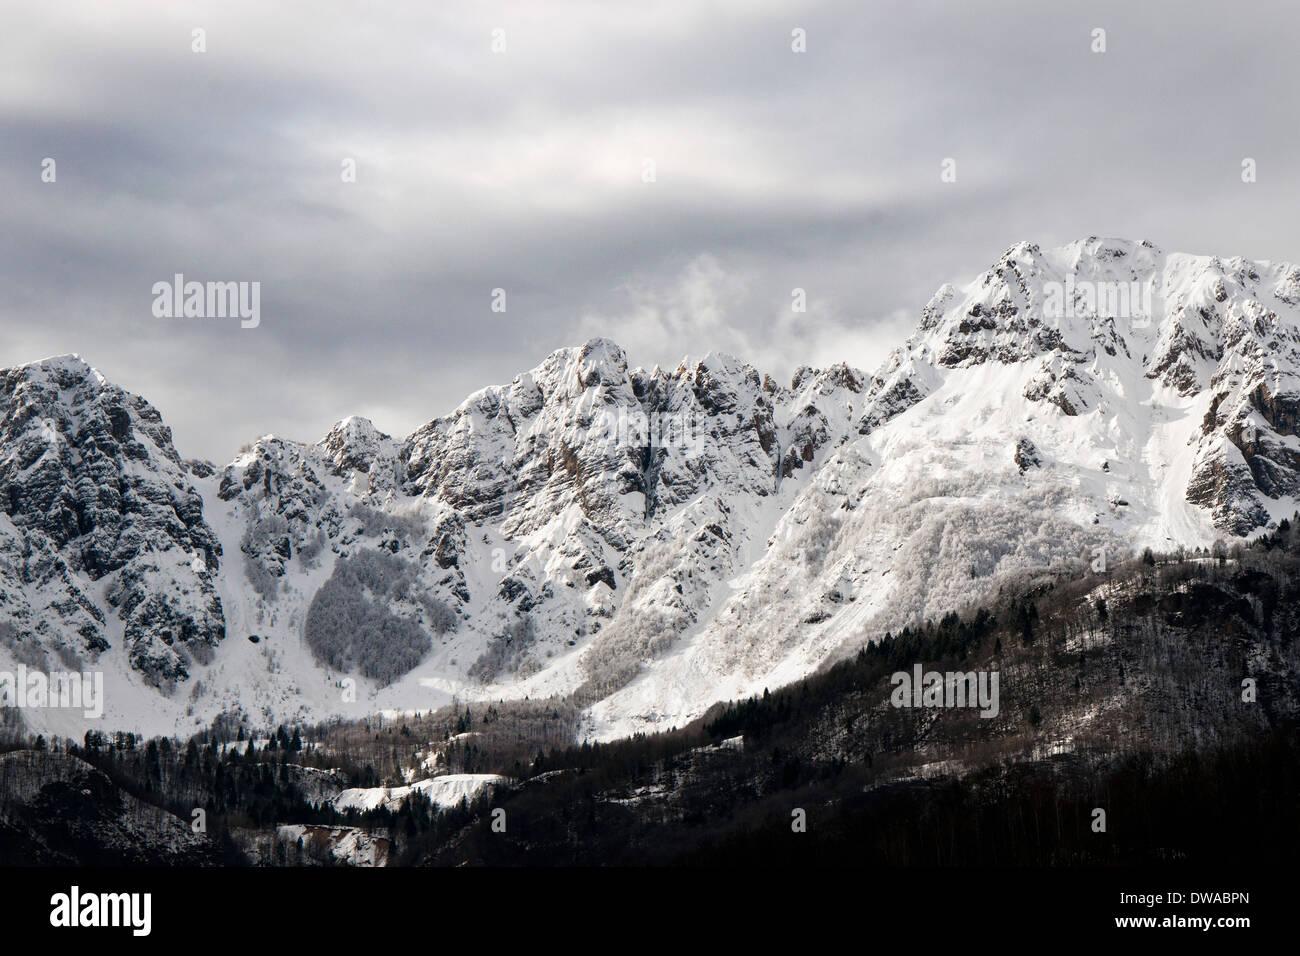 Italy, Recoaro Terme, Piccole dolomiti Stock Photo